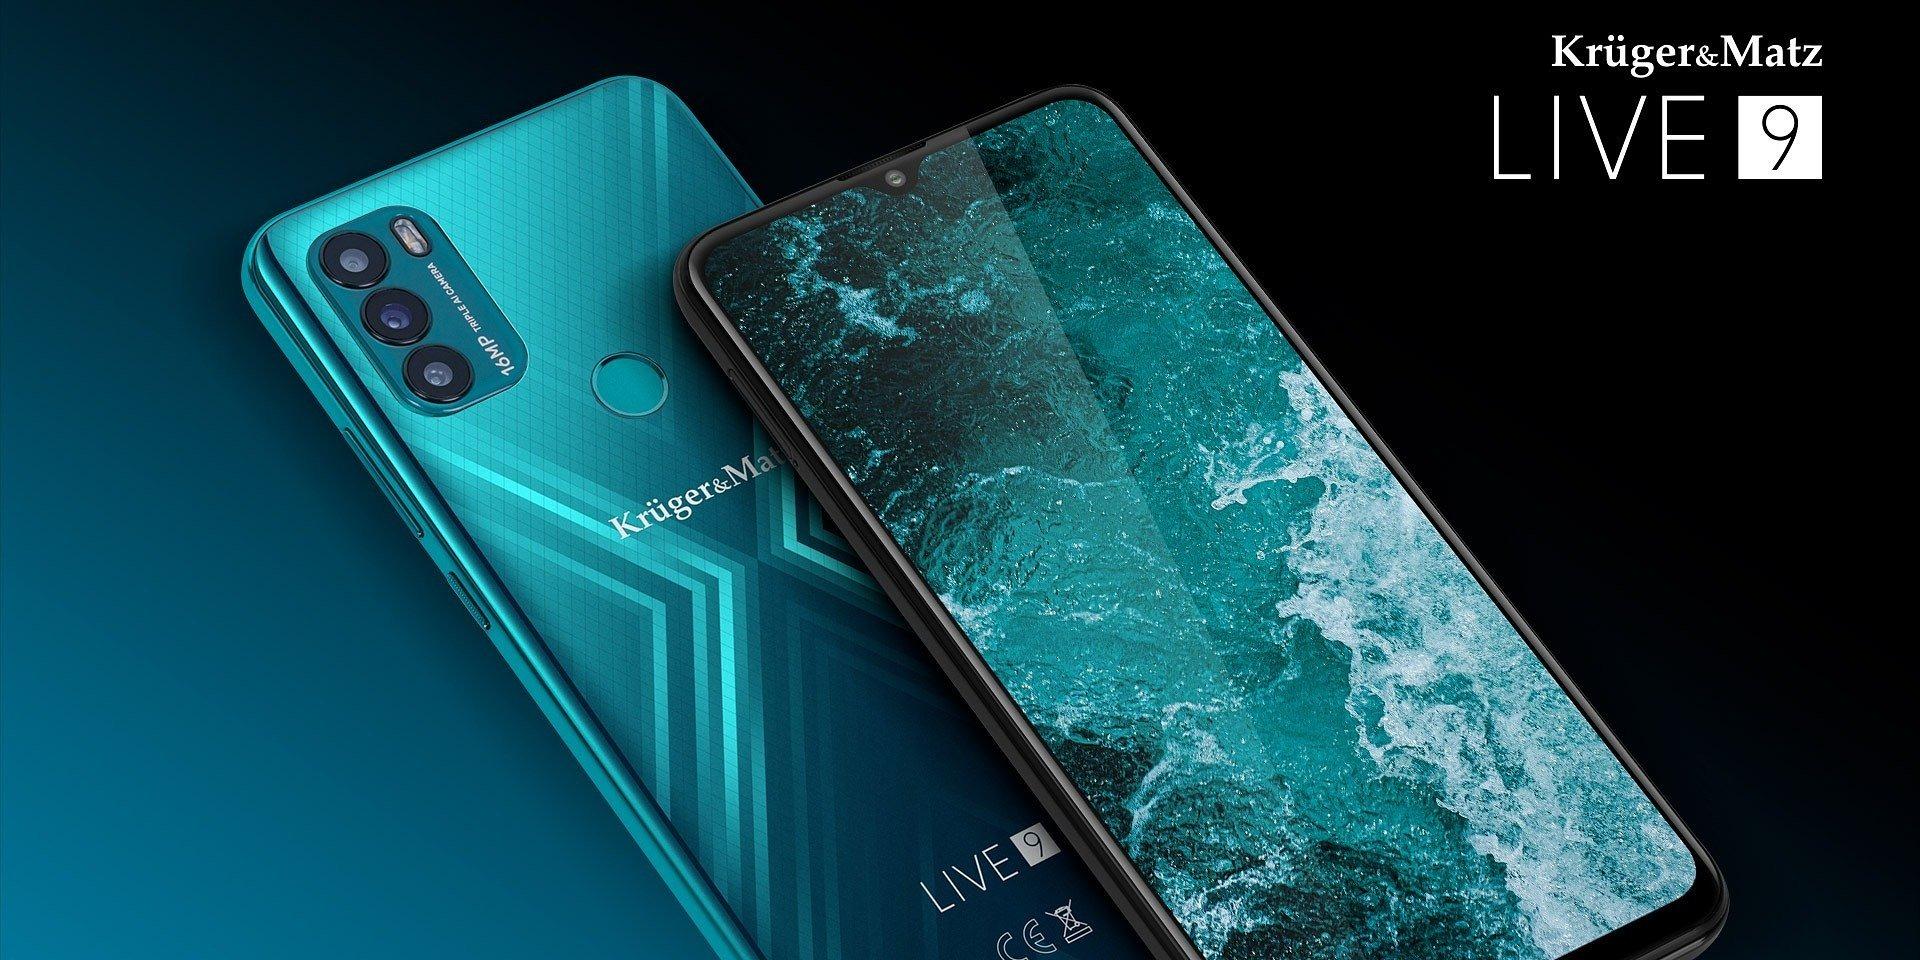 Kruger&Matz LIVE 9 – nie do wiary, że debiutuje już dziewiąty smartfon z tej linii